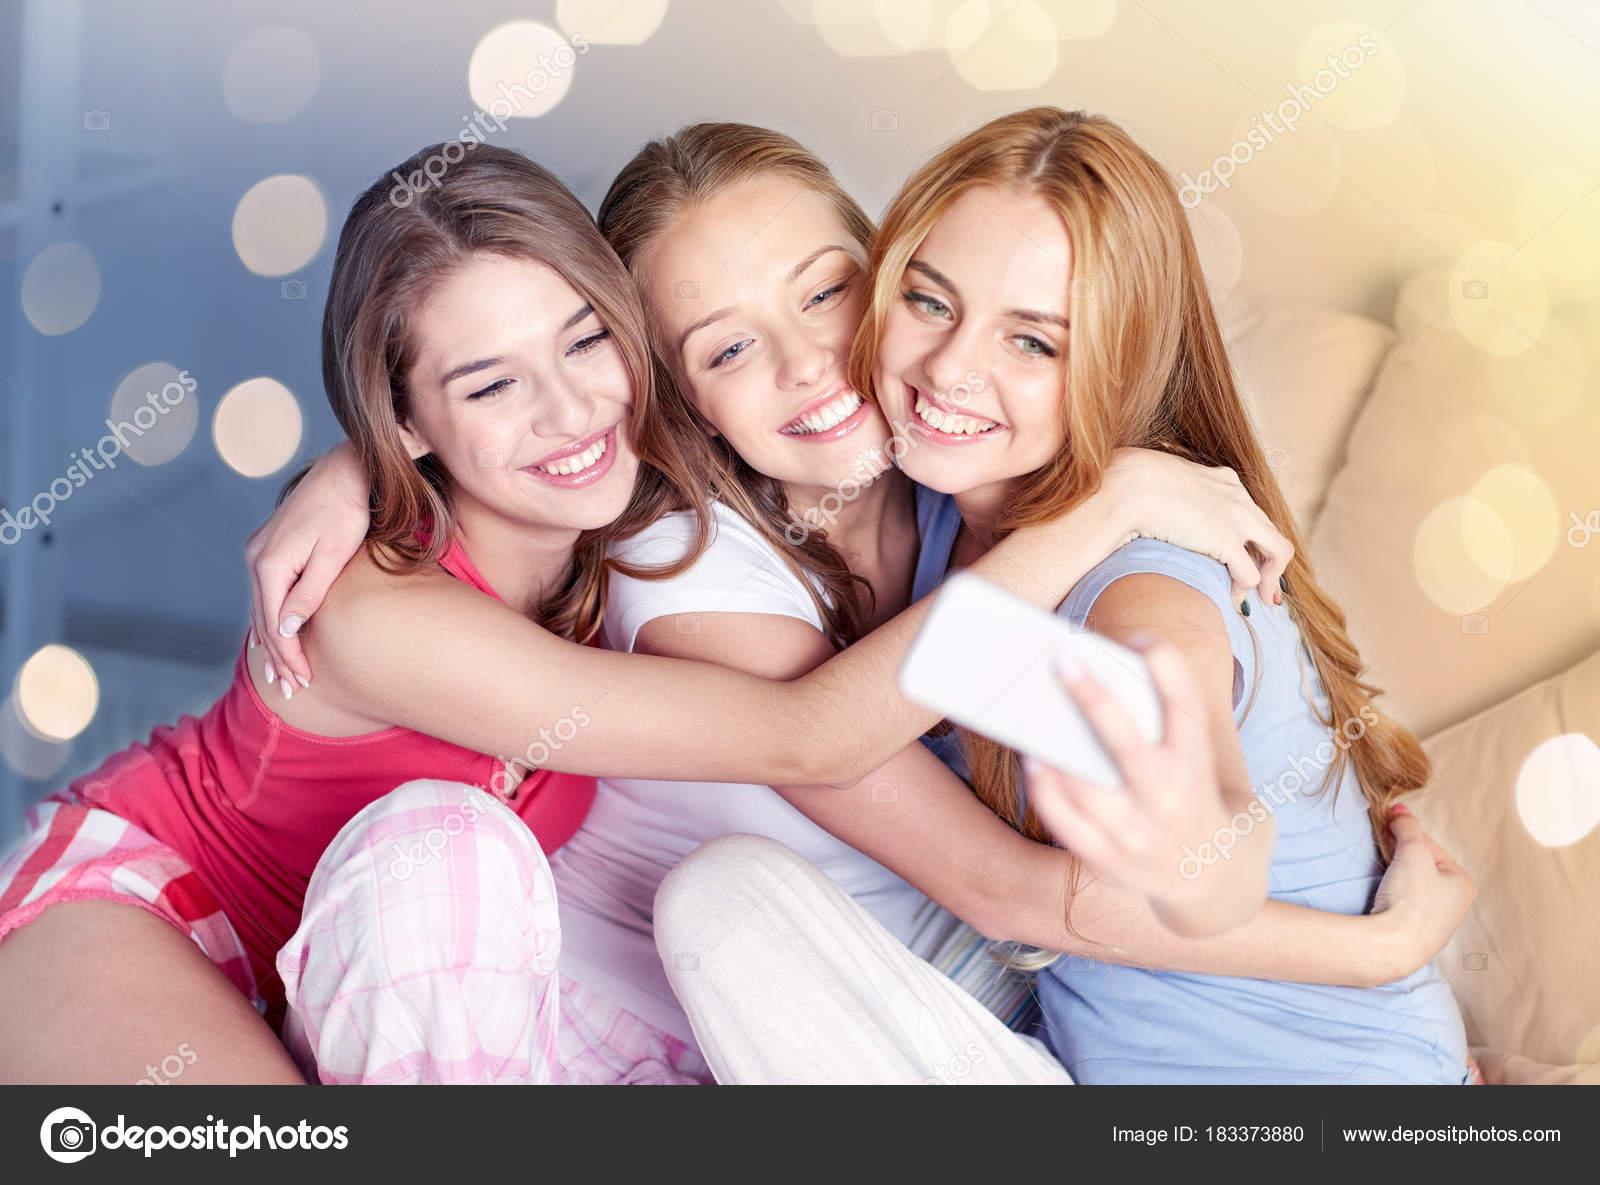 Καυτά Έφηβος/η κορίτσια γυμνό μουνί